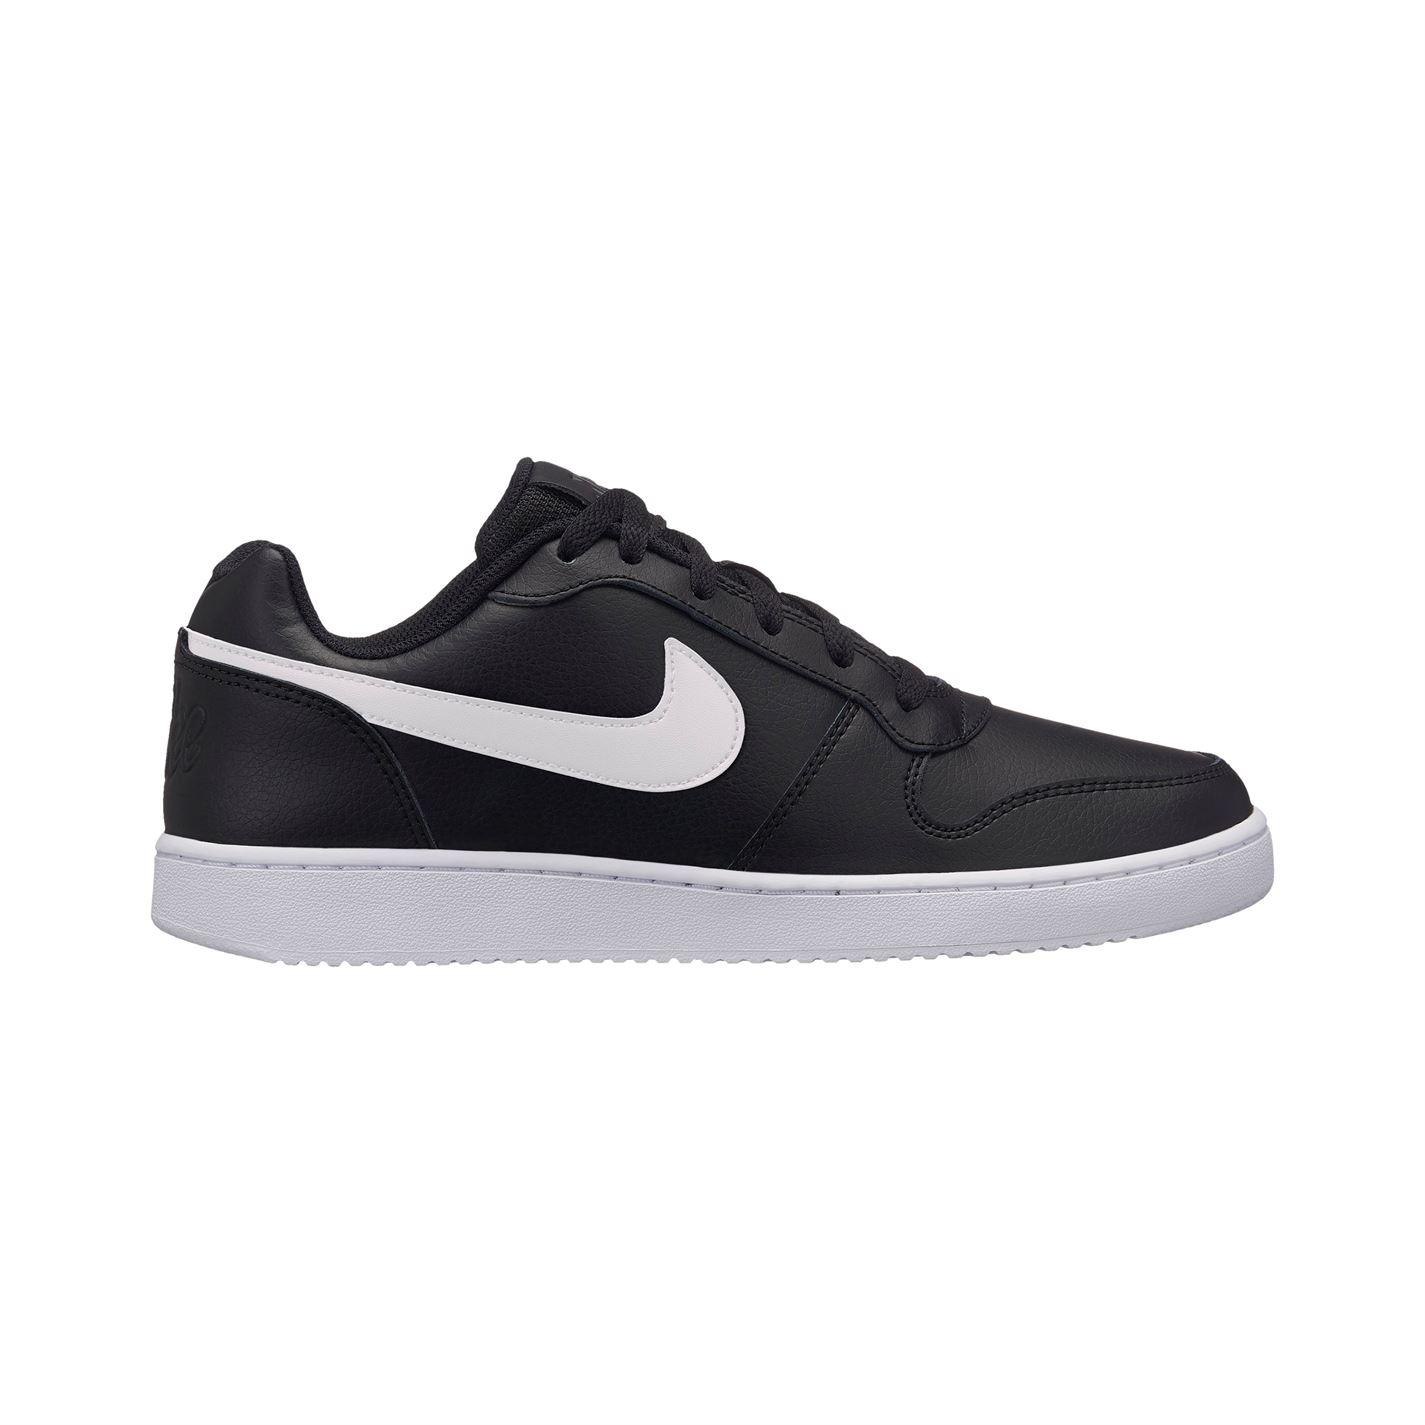 Nike Ebernon pánske tenisky